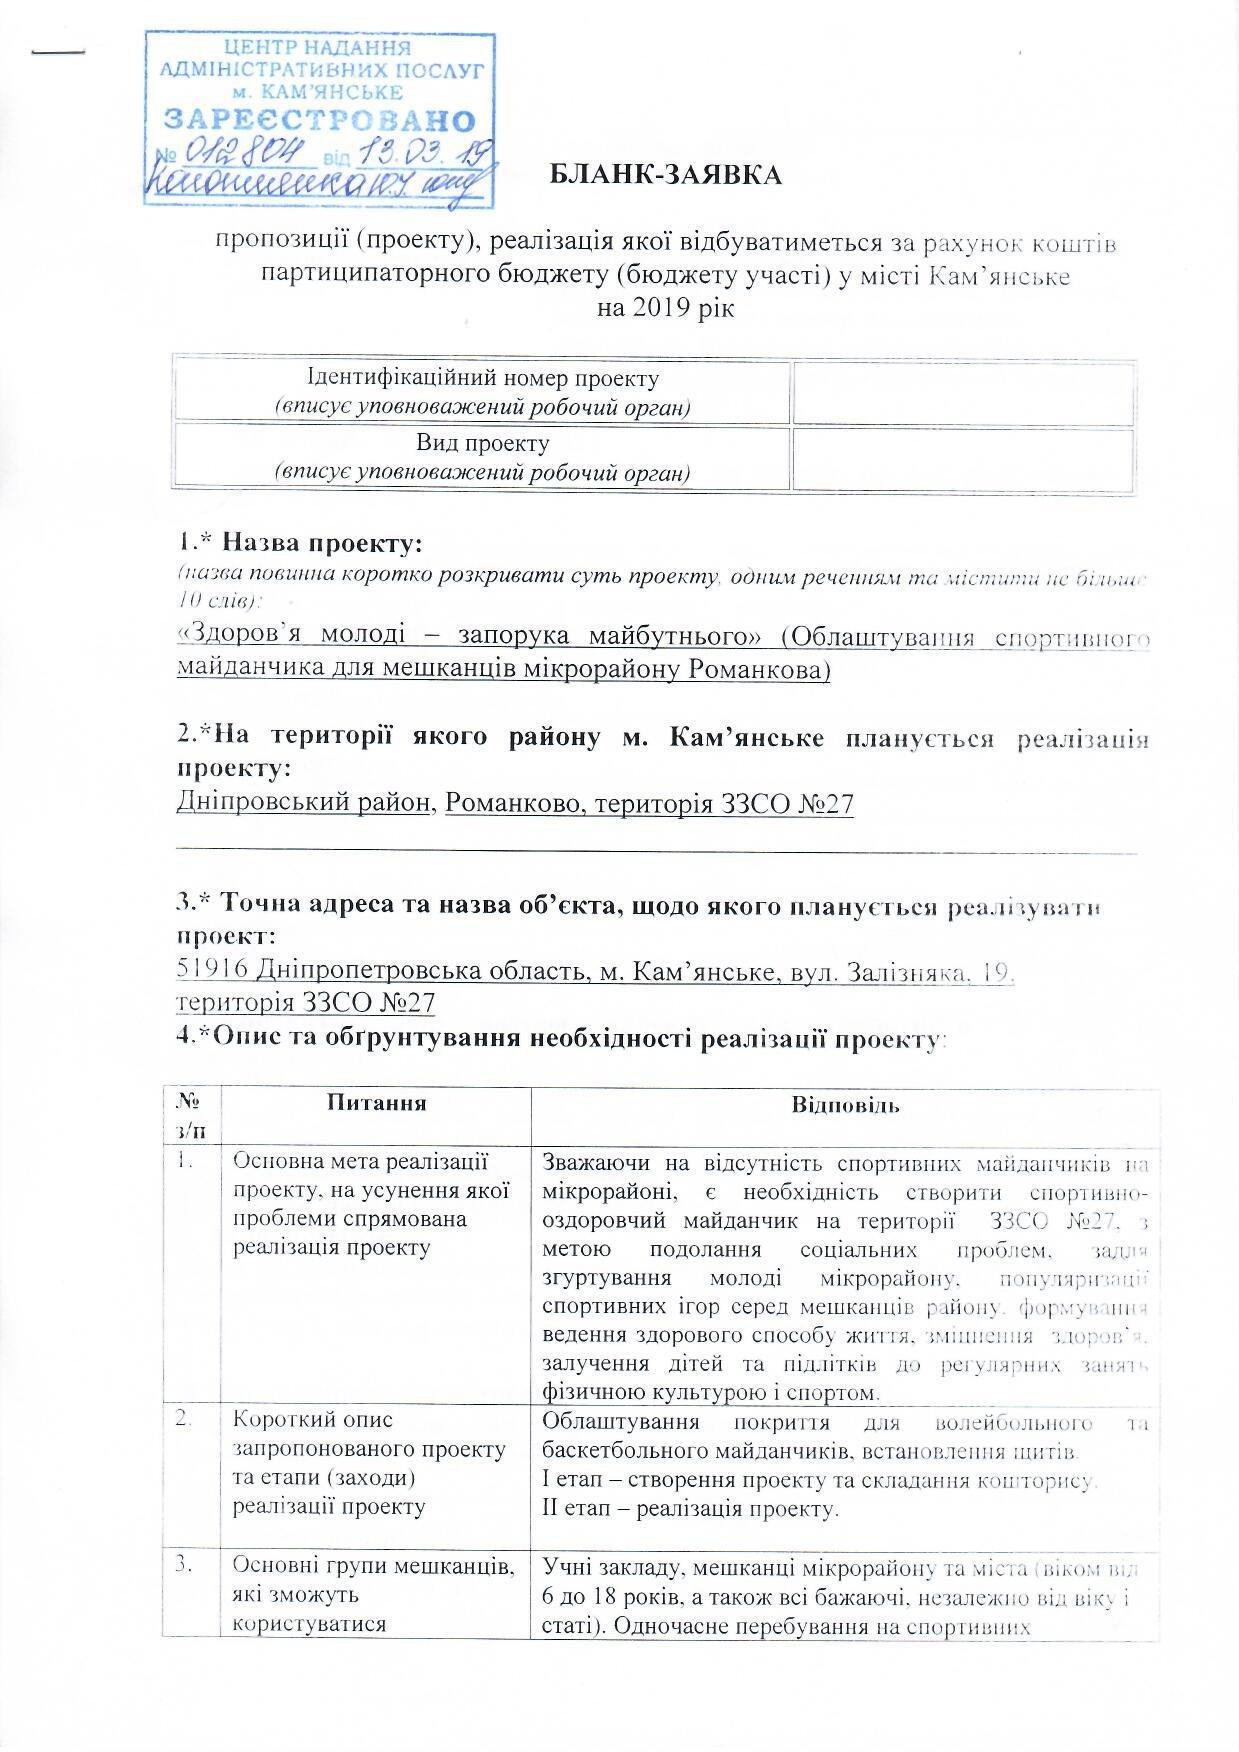 Волейбол и баскетбол: в Романково будет современная спортплощадка, фото-3